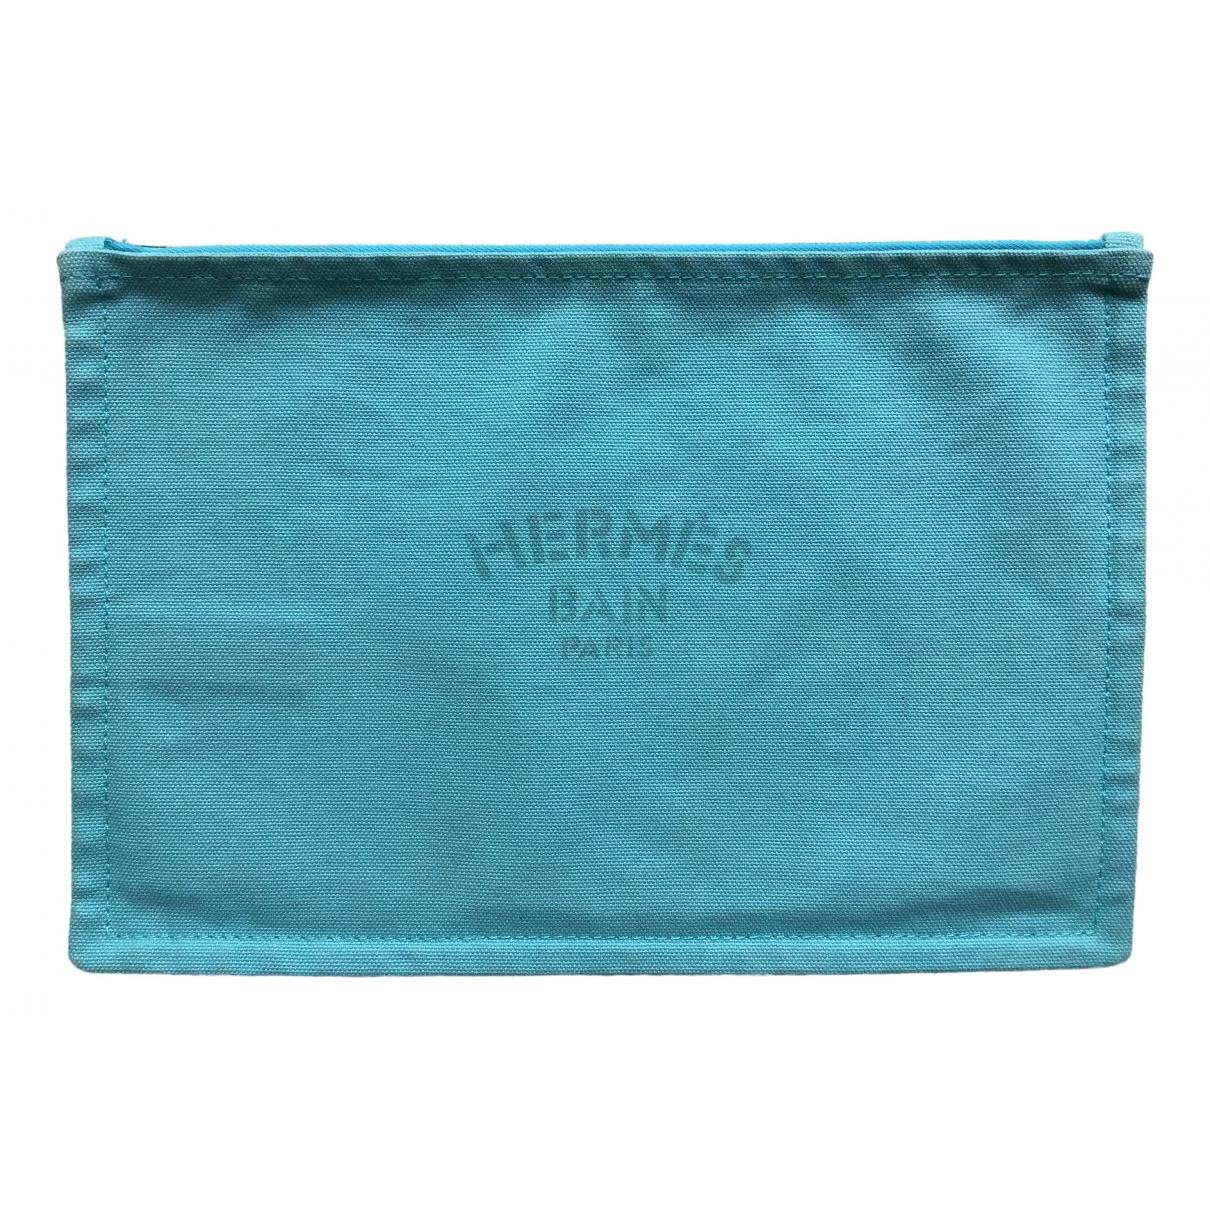 Hermes - Sac de voyage   pour femme en toile - turquoise